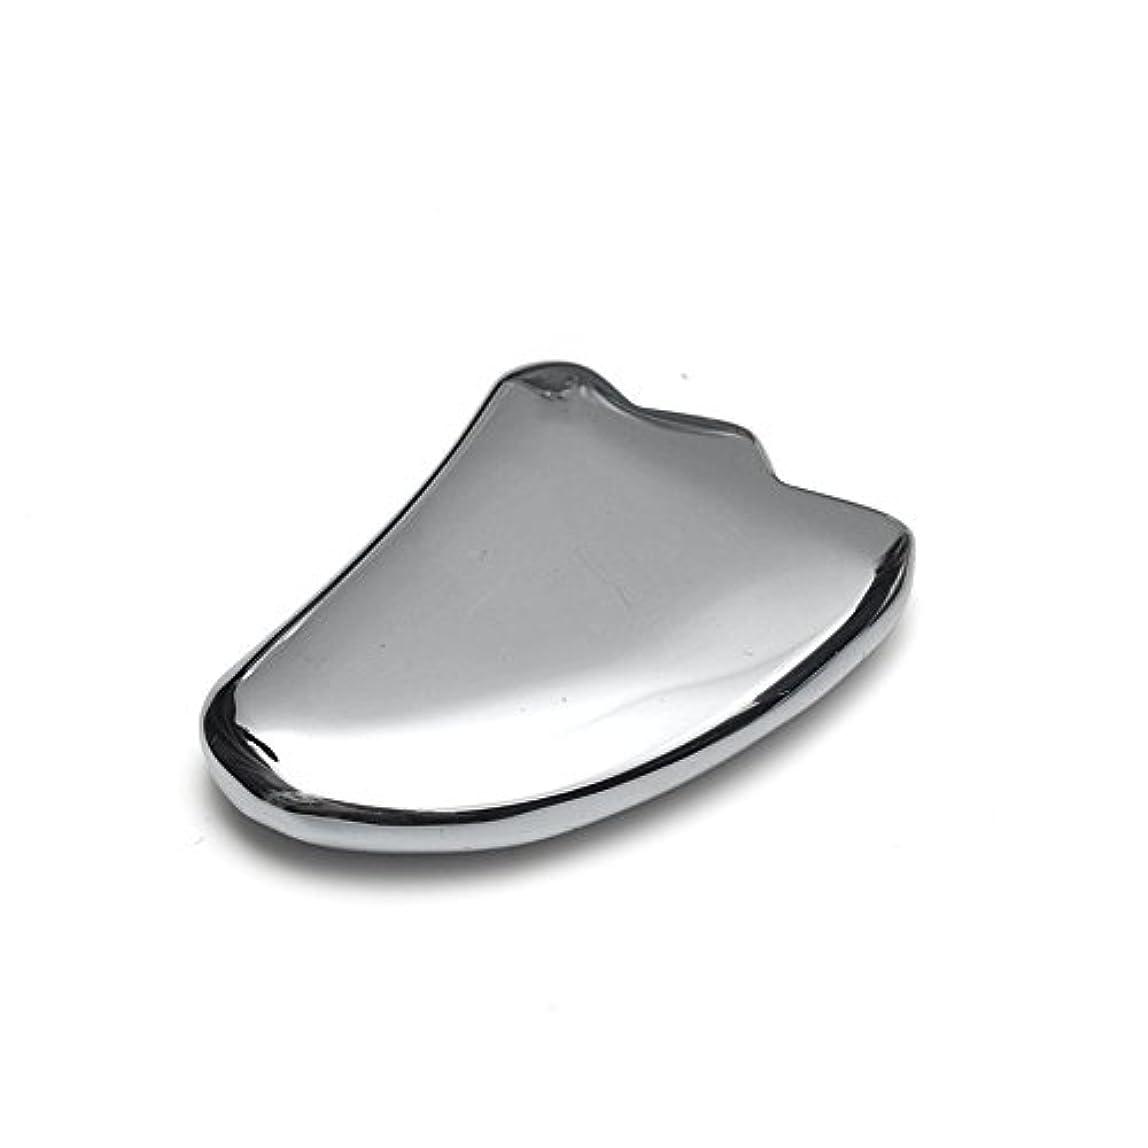 ディンカルビル開始欺【OVER-9】 テラヘルツ鉱石 かっさ プレート 羽根型 40mm 美顔器 美容 フェイス 原石 超遠赤外線 健康 カッサ マッサージ